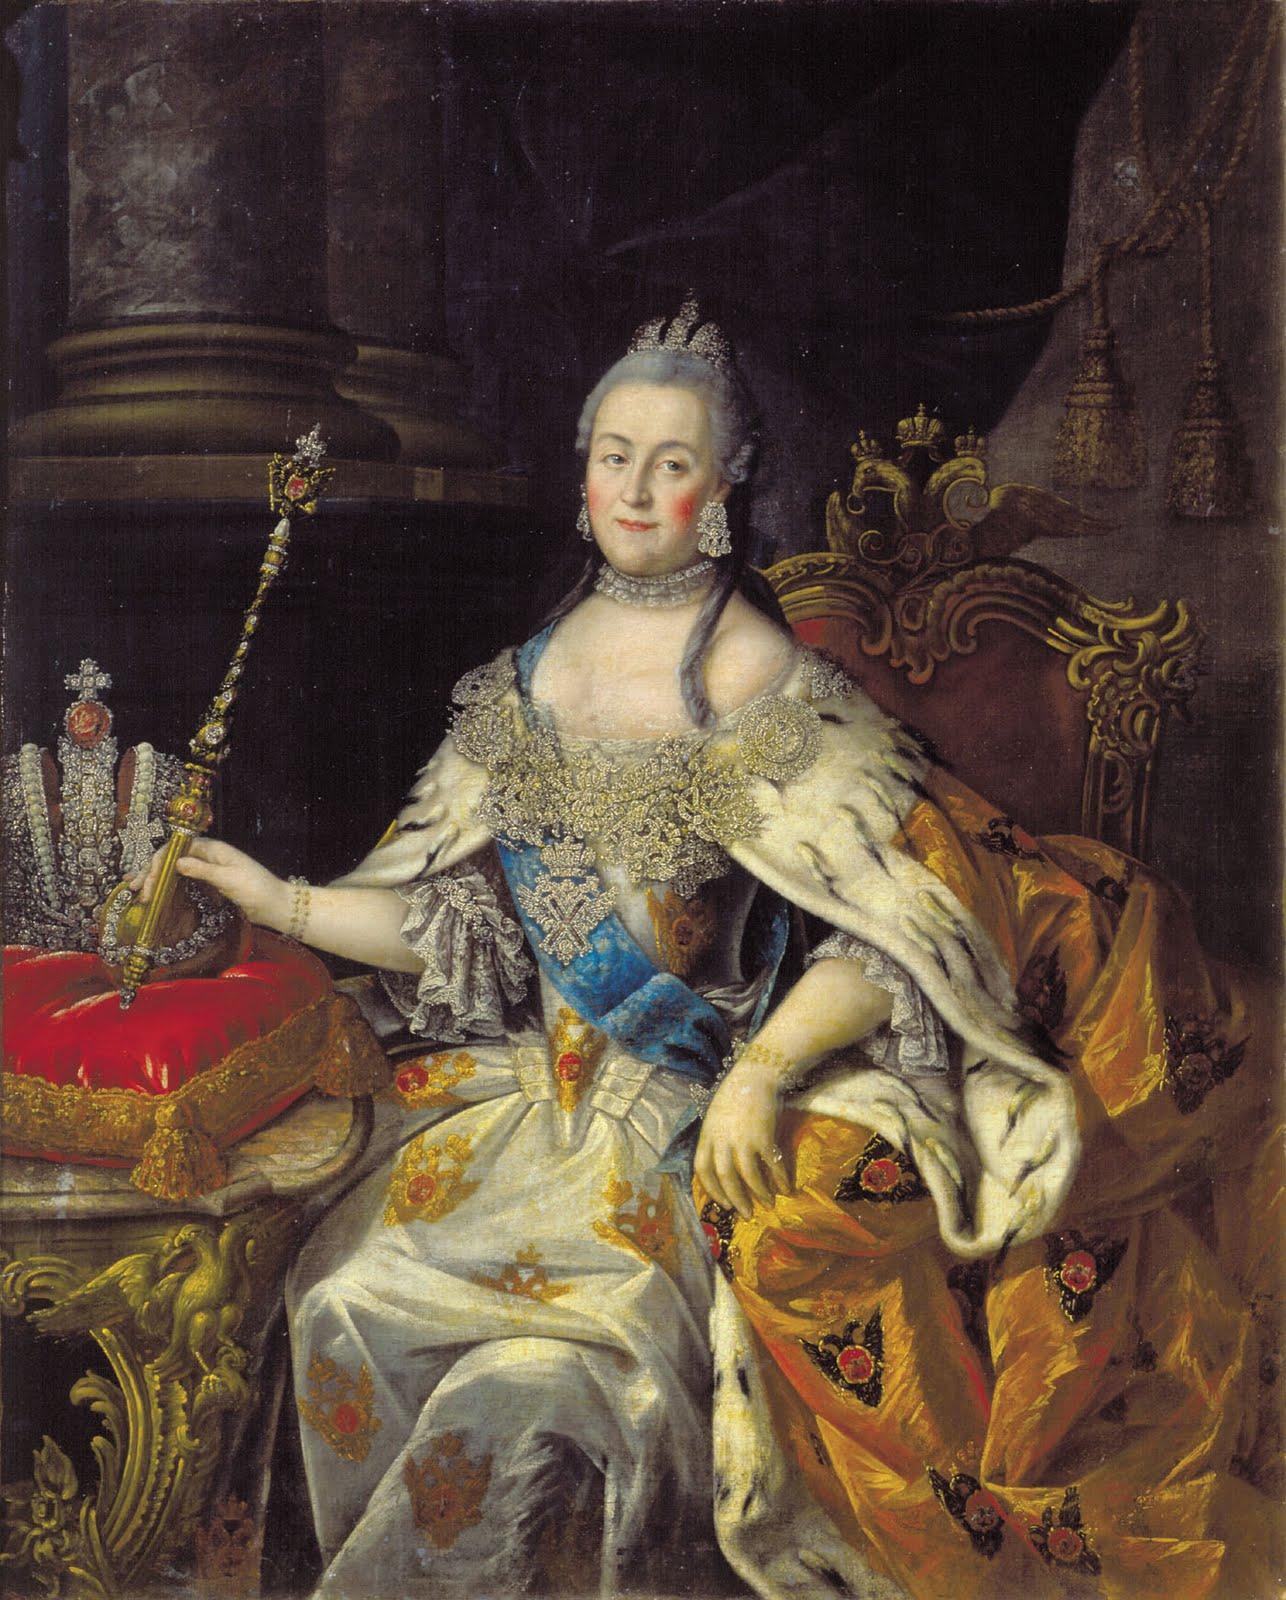 catalina ii de rusia murió al ser penetrada por un caballo